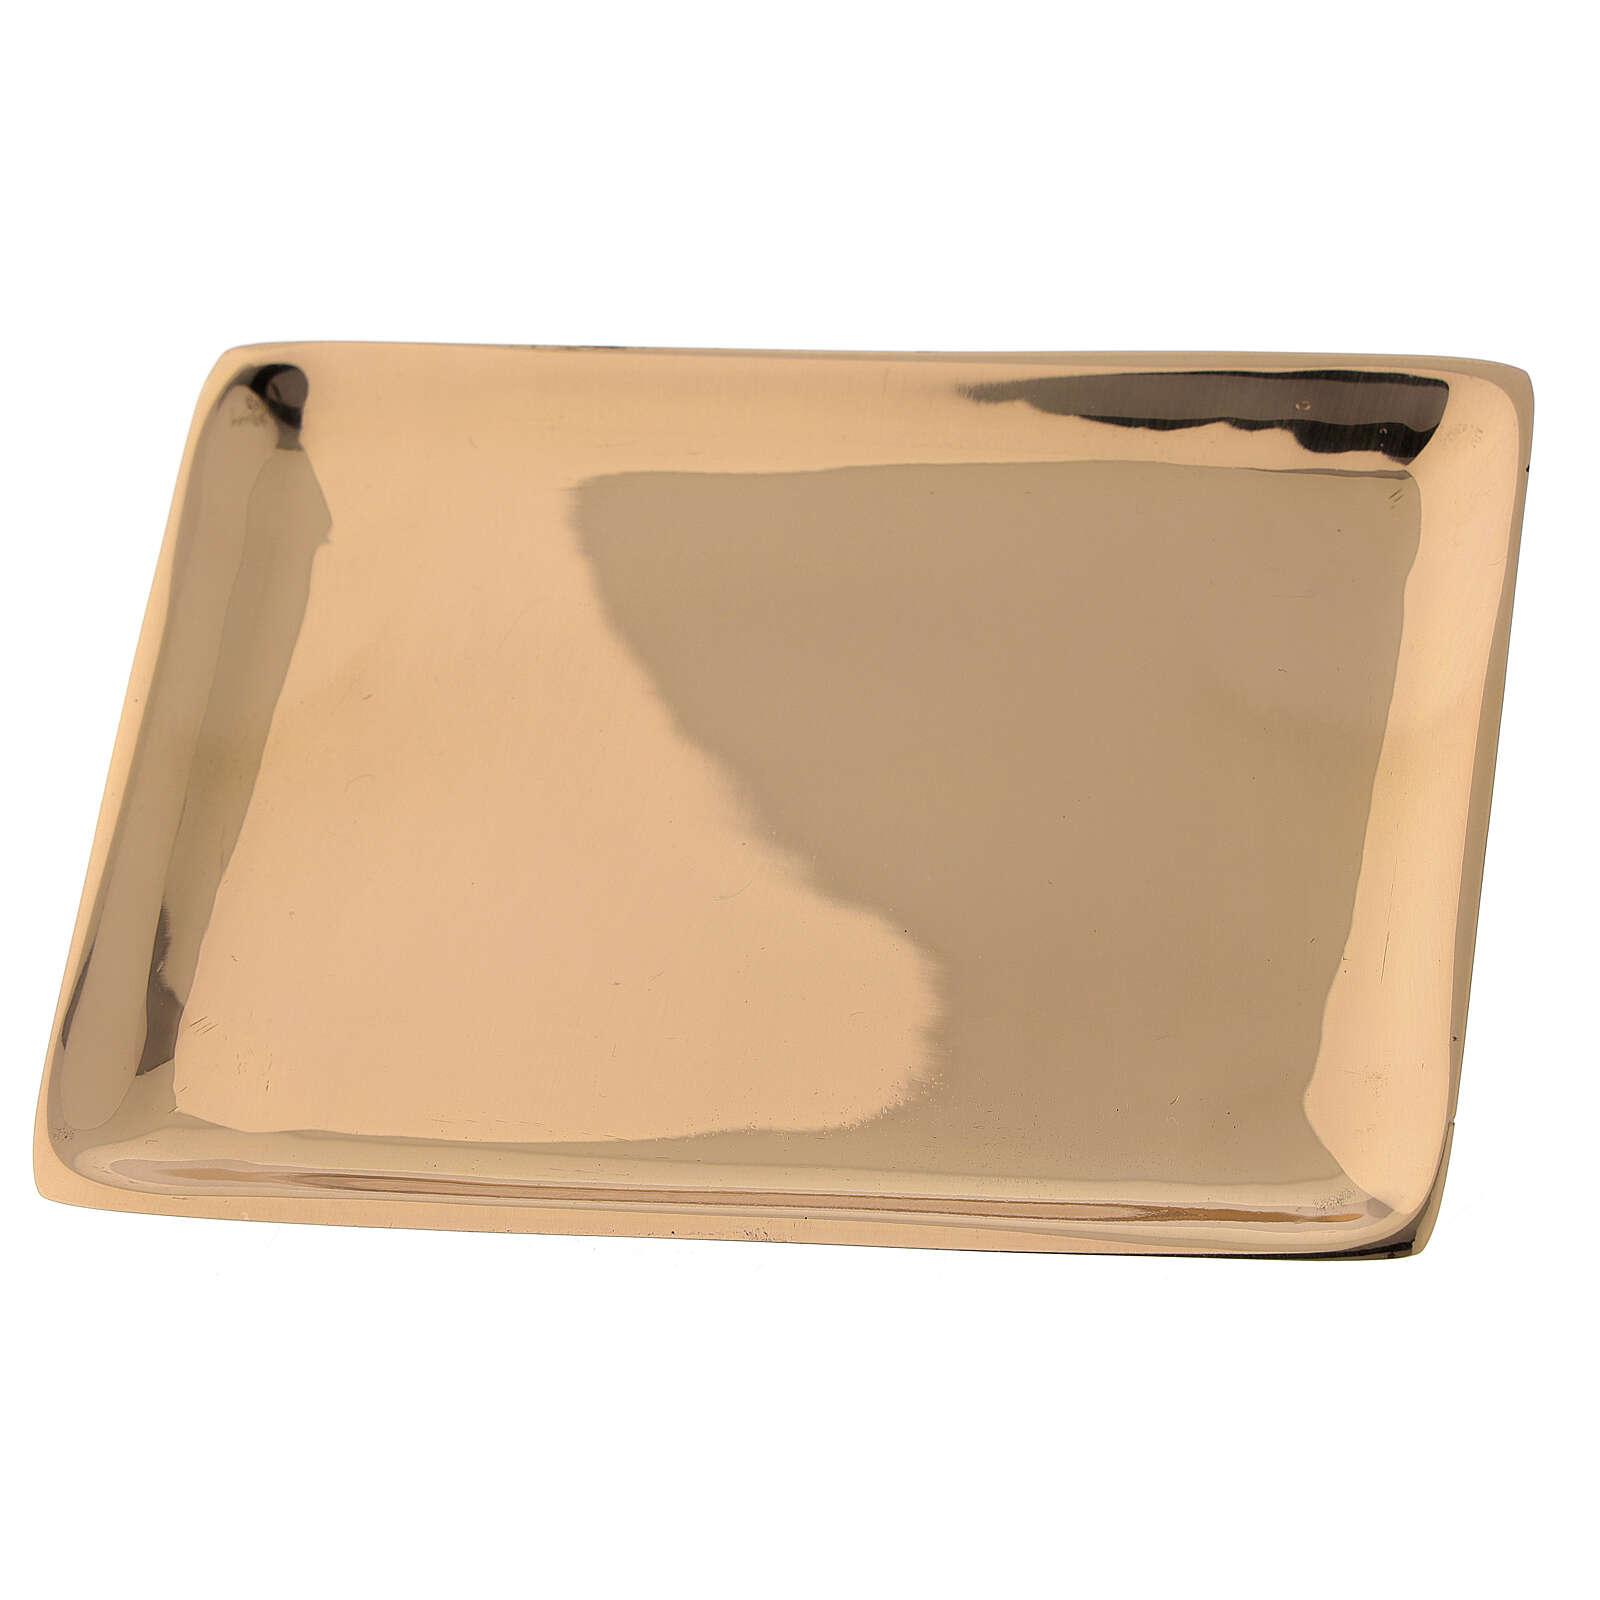 Assiette bougie laiton doré brillant rectangulaire 10x7 cm 3